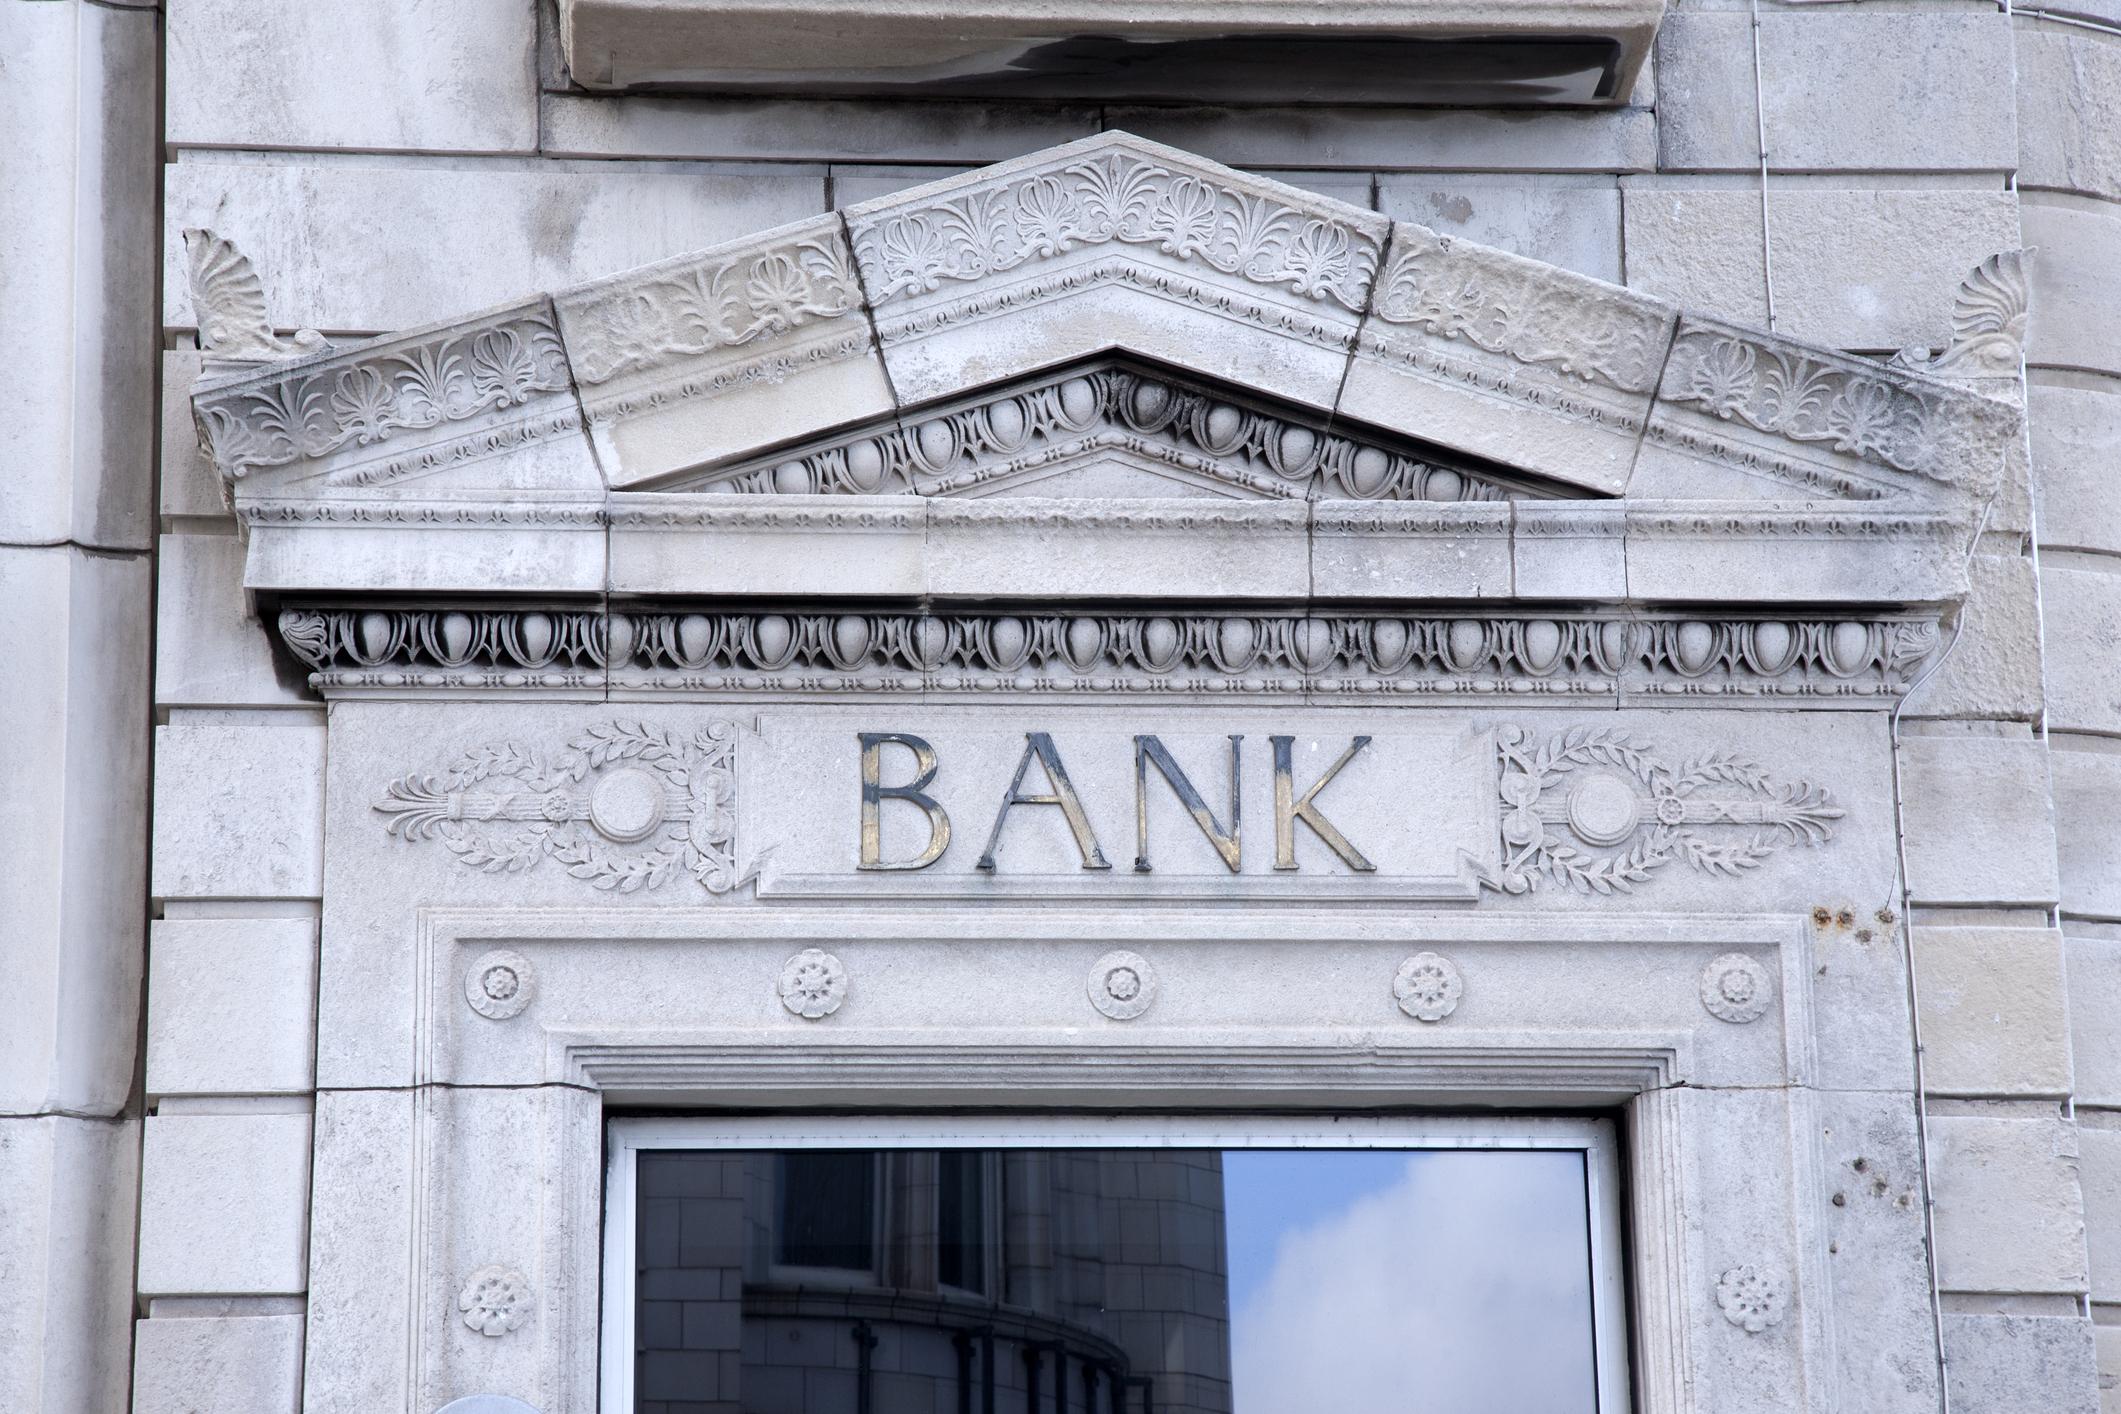 Exterior of a bank entrance.